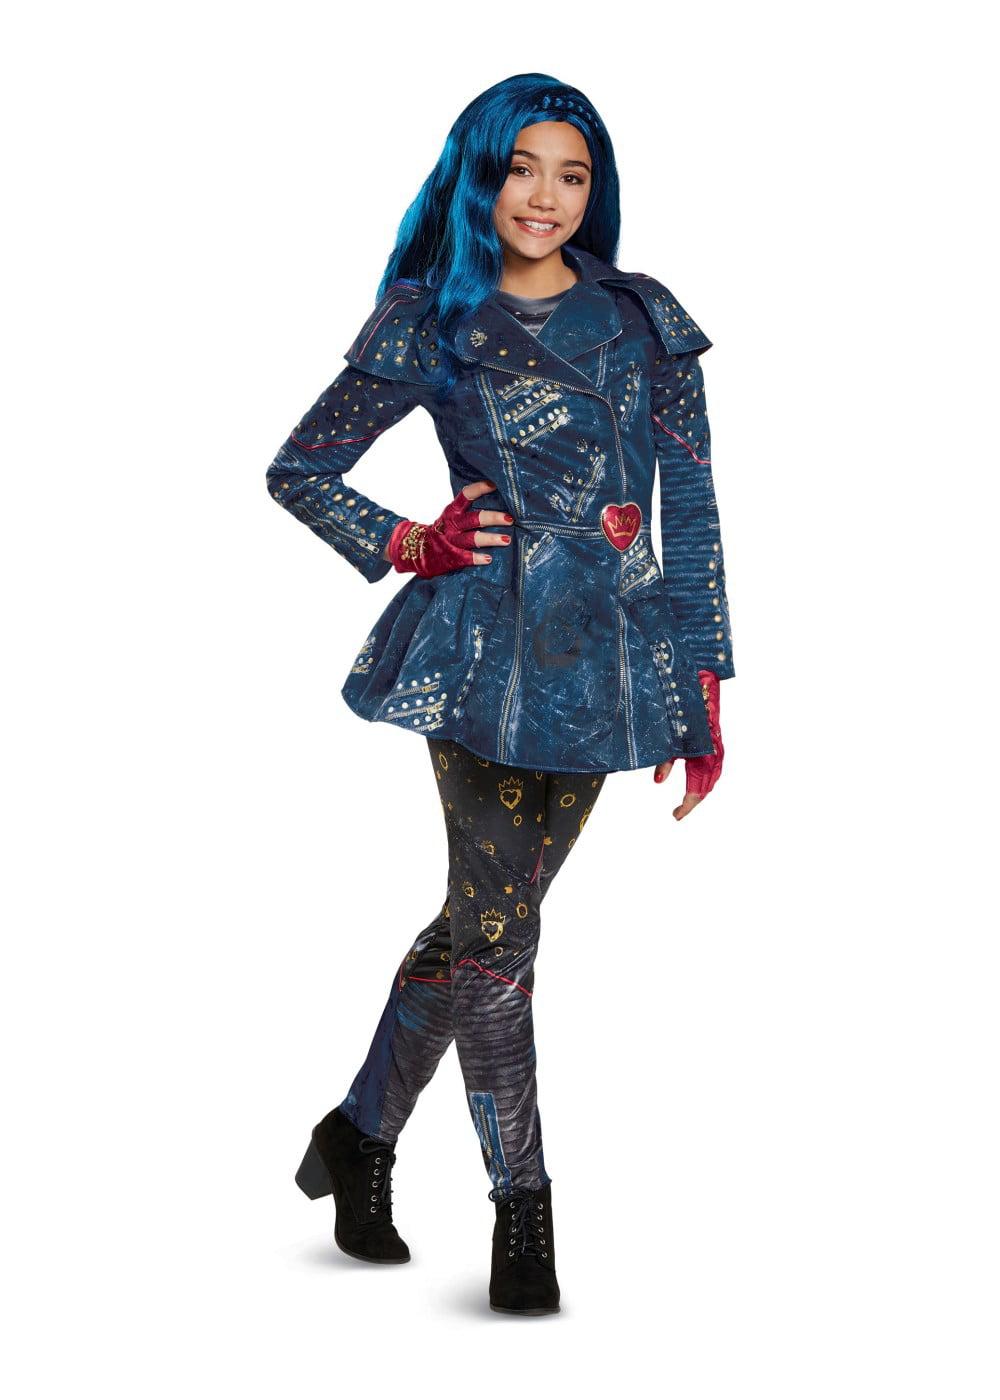 Girls Descendants 2 Evie Costume deluxe